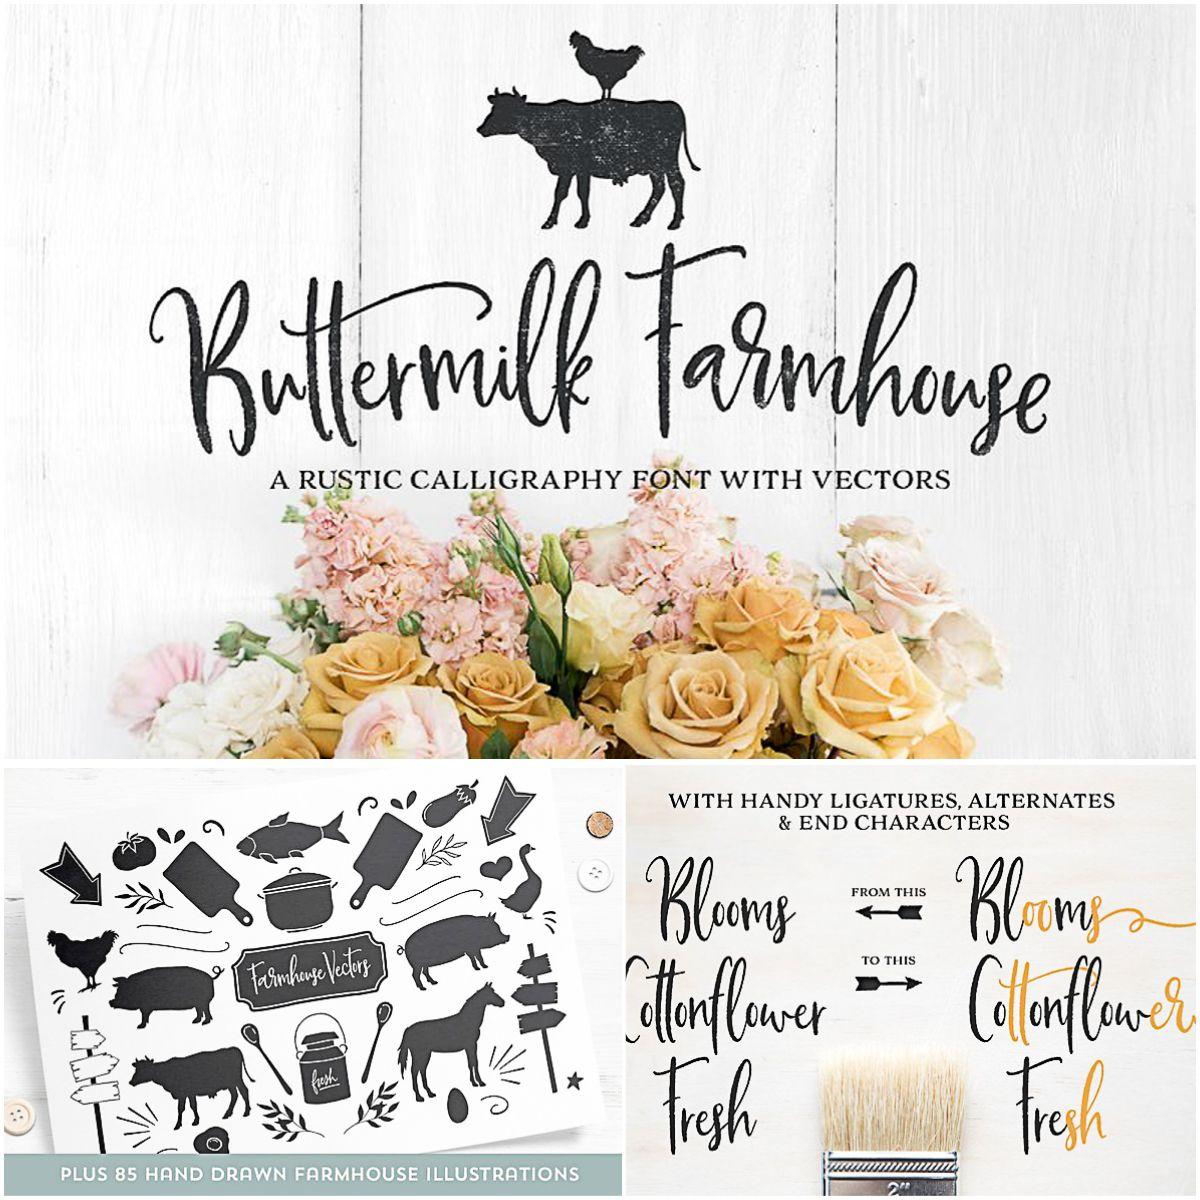 Buttermilk Farmhouse Type Graphics in 2020 Free script